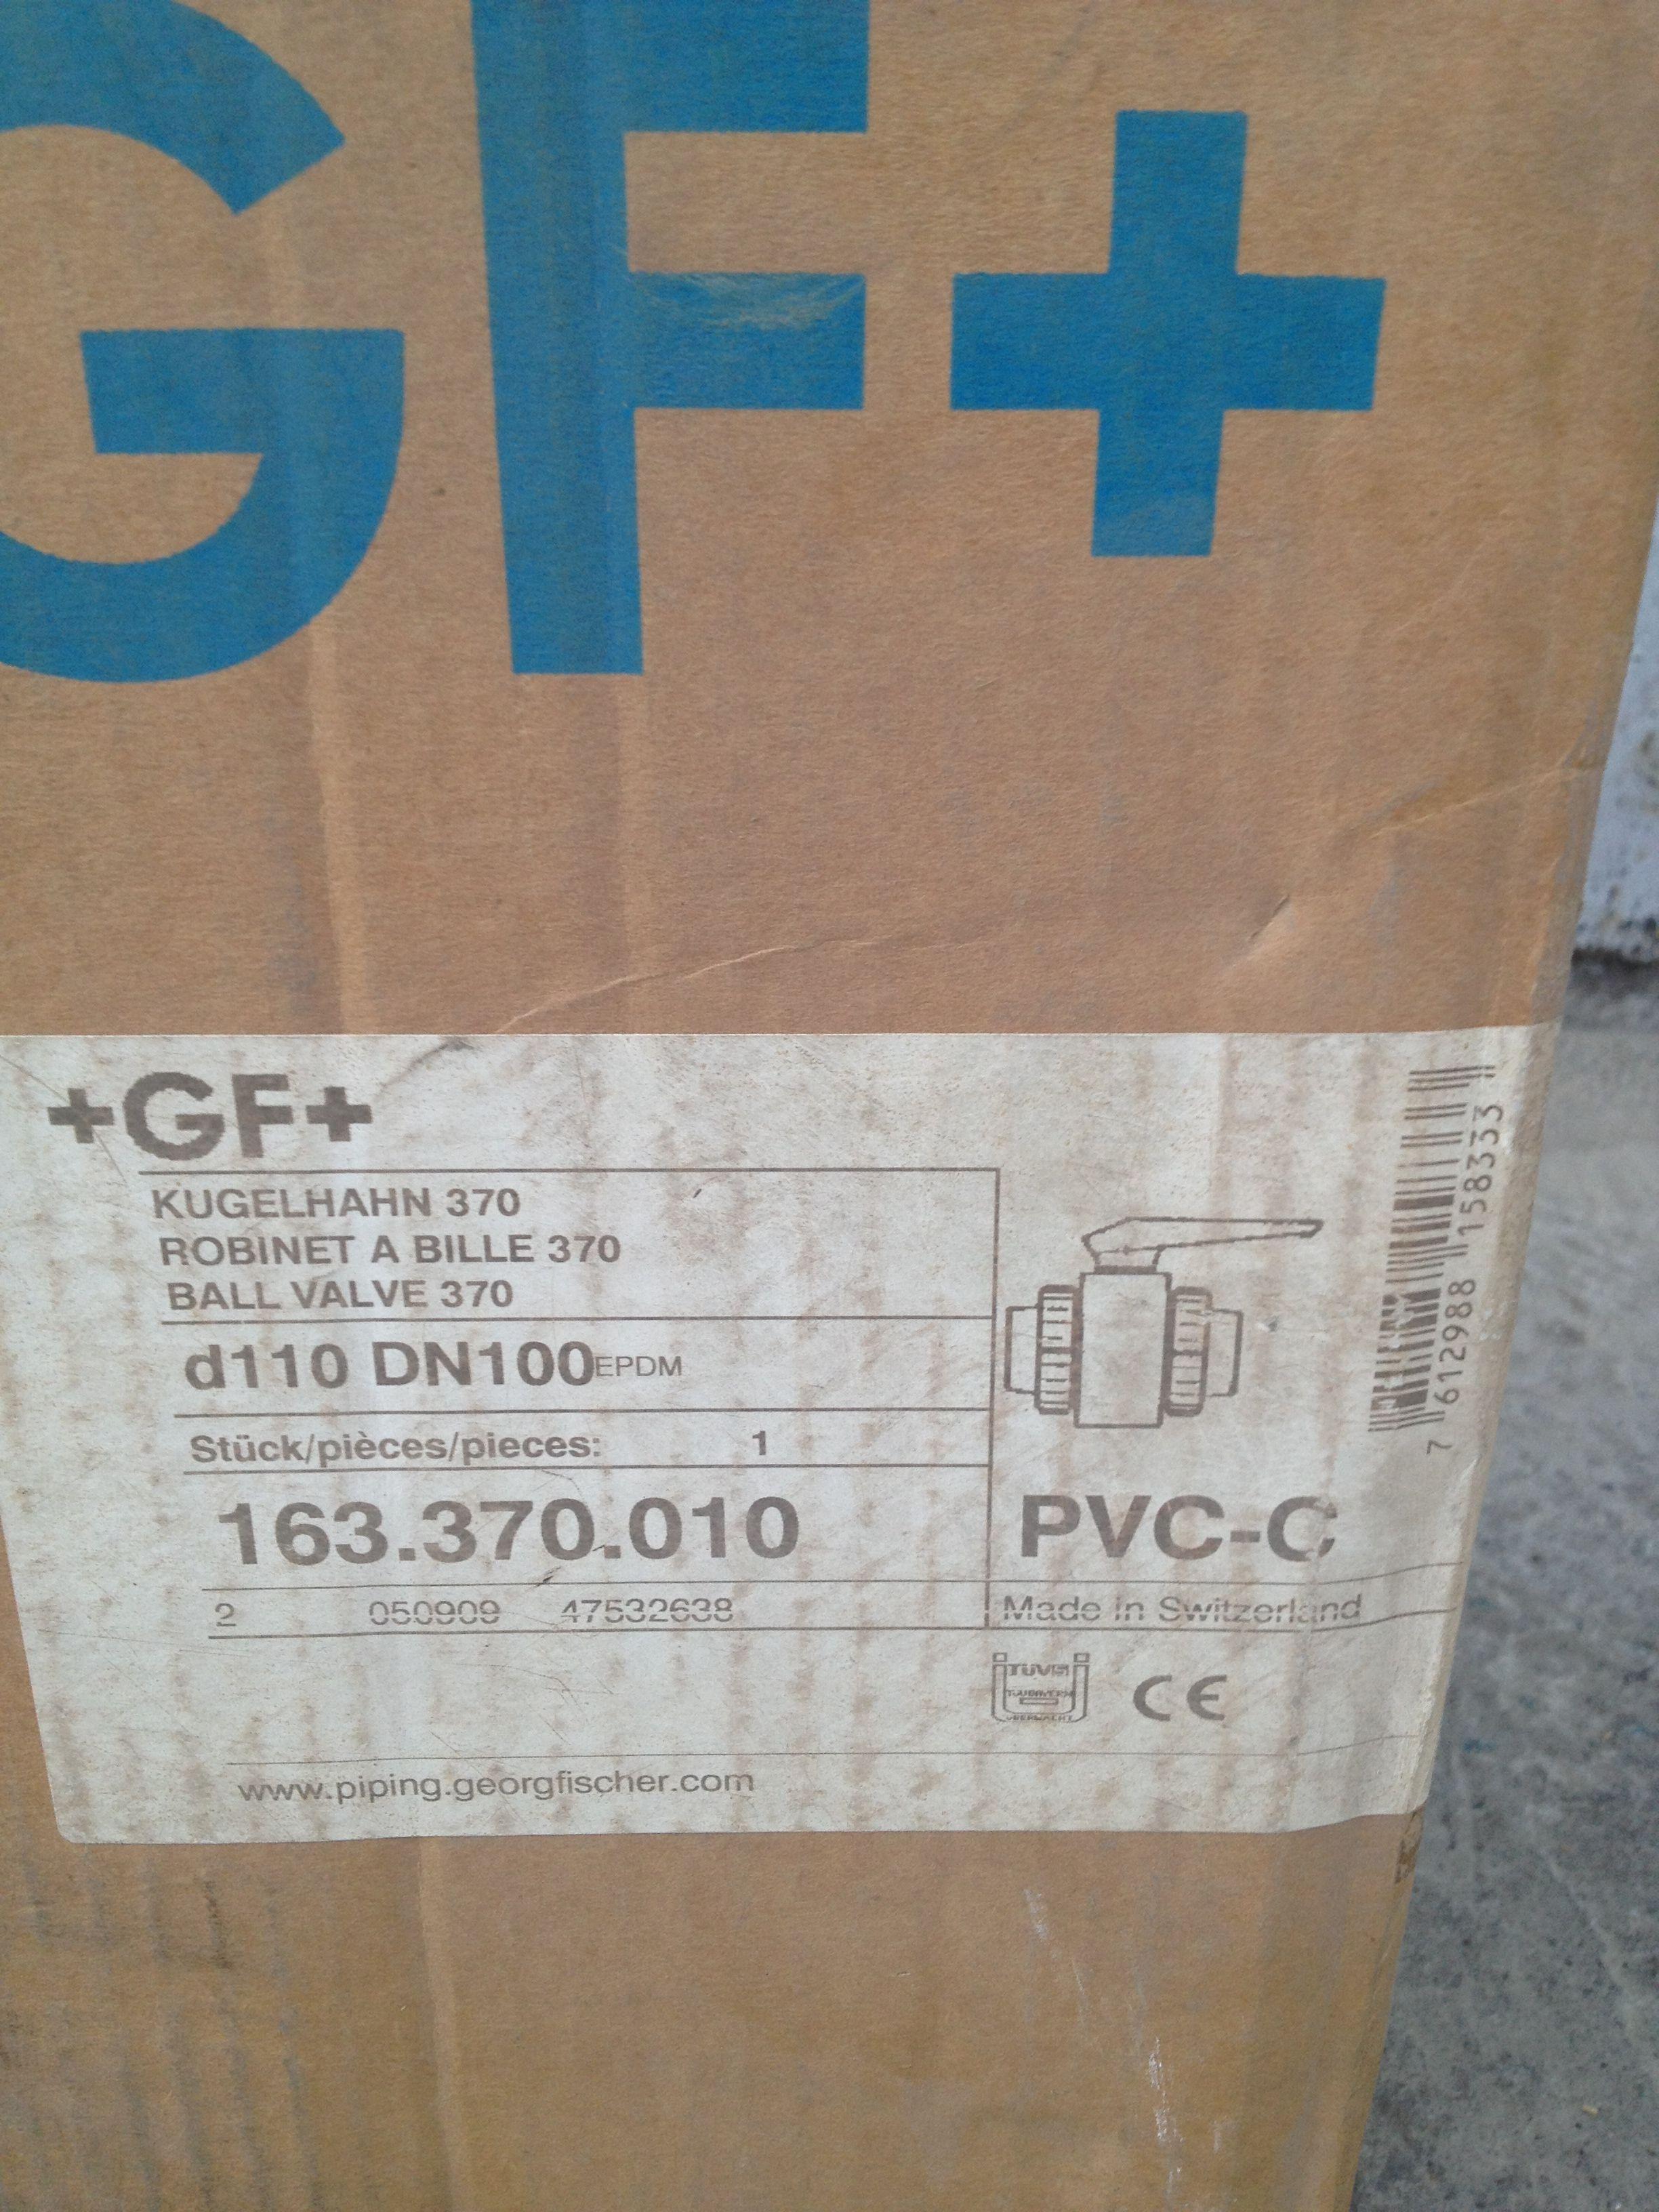 Шаровый кран +GF+ Kugelhahn 370 PVC-C  d-110 DN 100 | Шаровый кран +GF+ Kugelhahn 370 PVC-C  d-110 DN 100 | http://energo-74.ru/images/IMG_0899.JPG